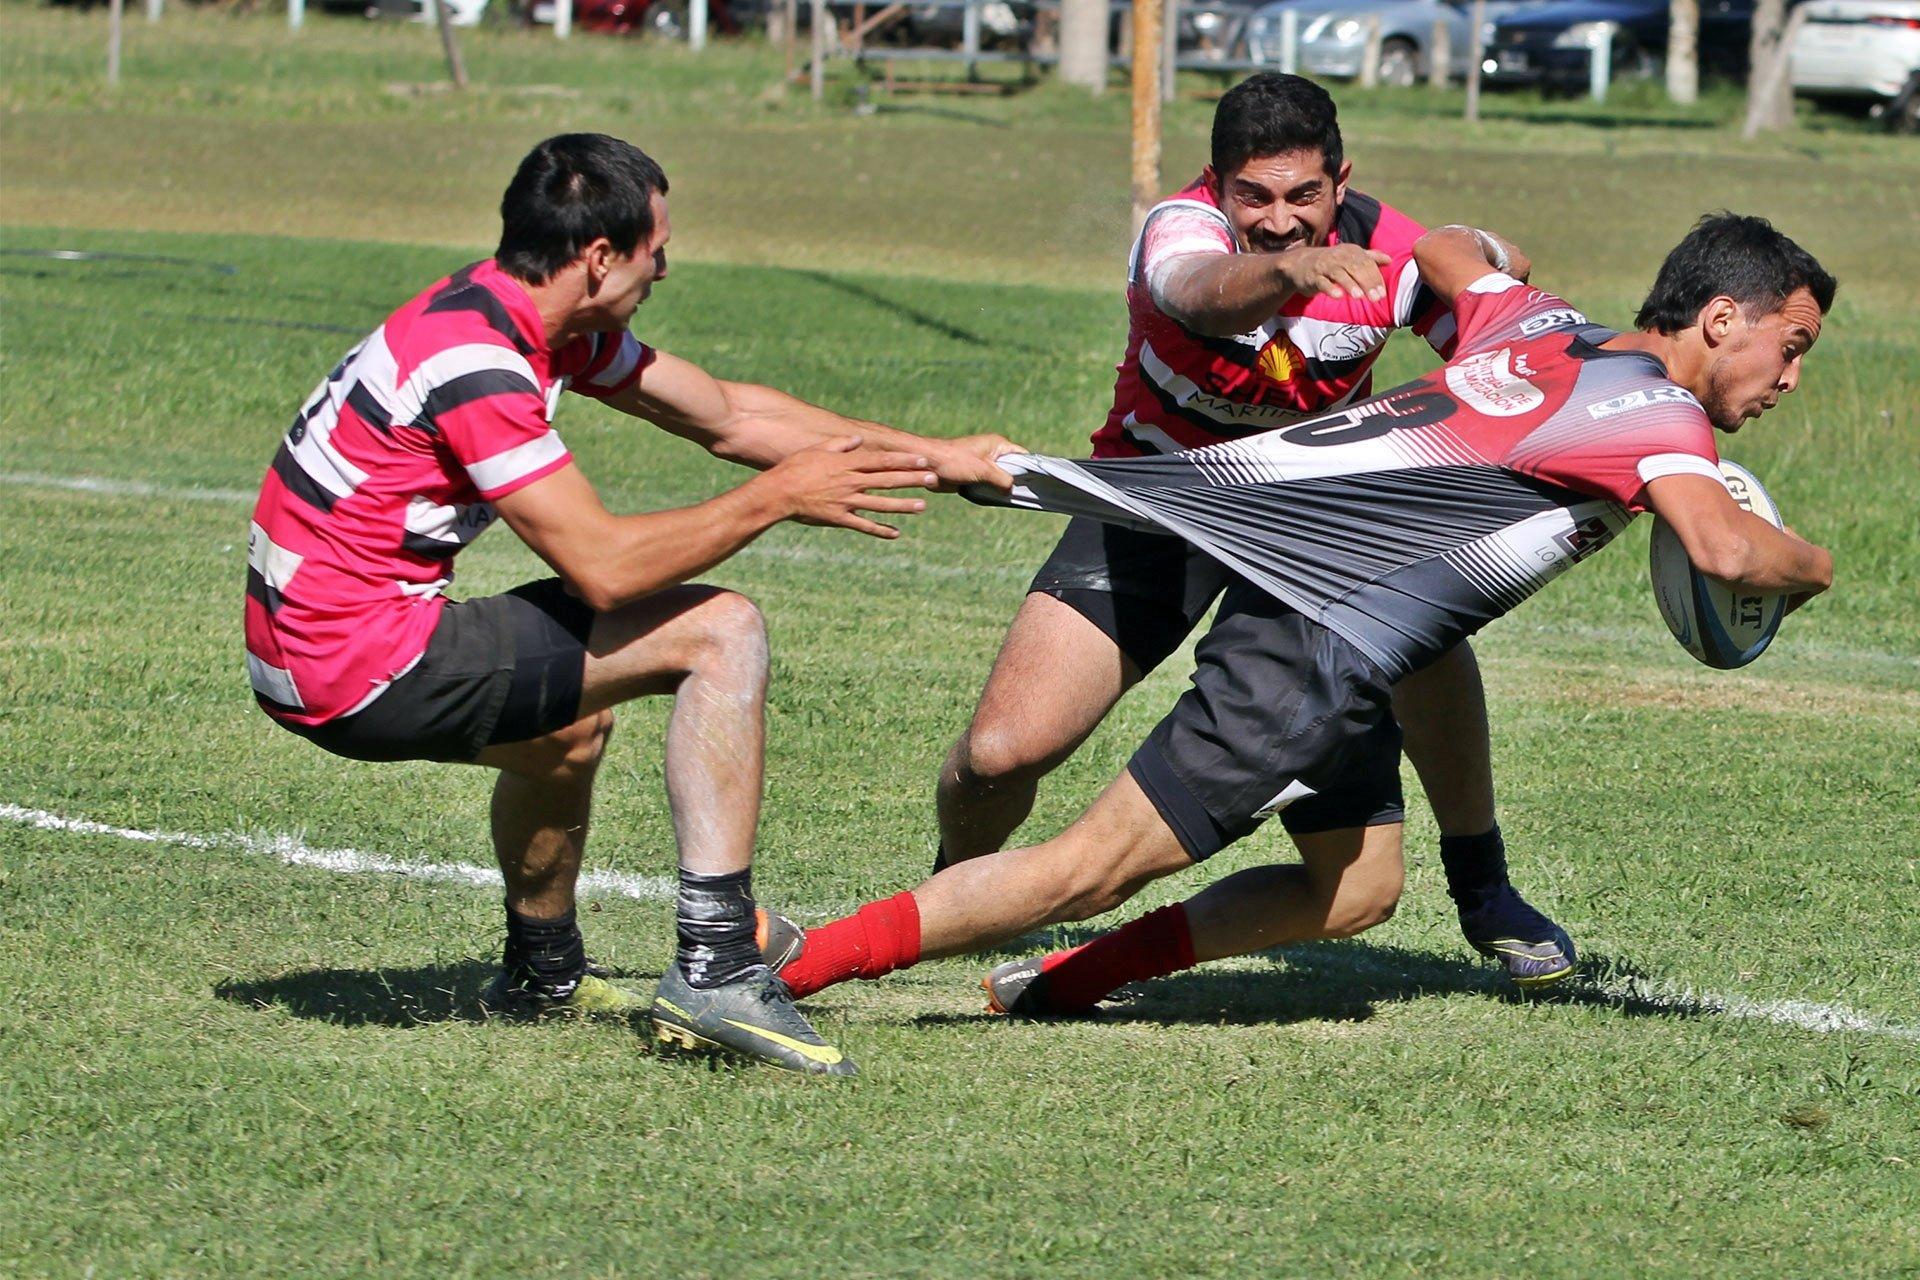 Rugby: Aplastante victoria de Pico Rugby Club en la capital provincial